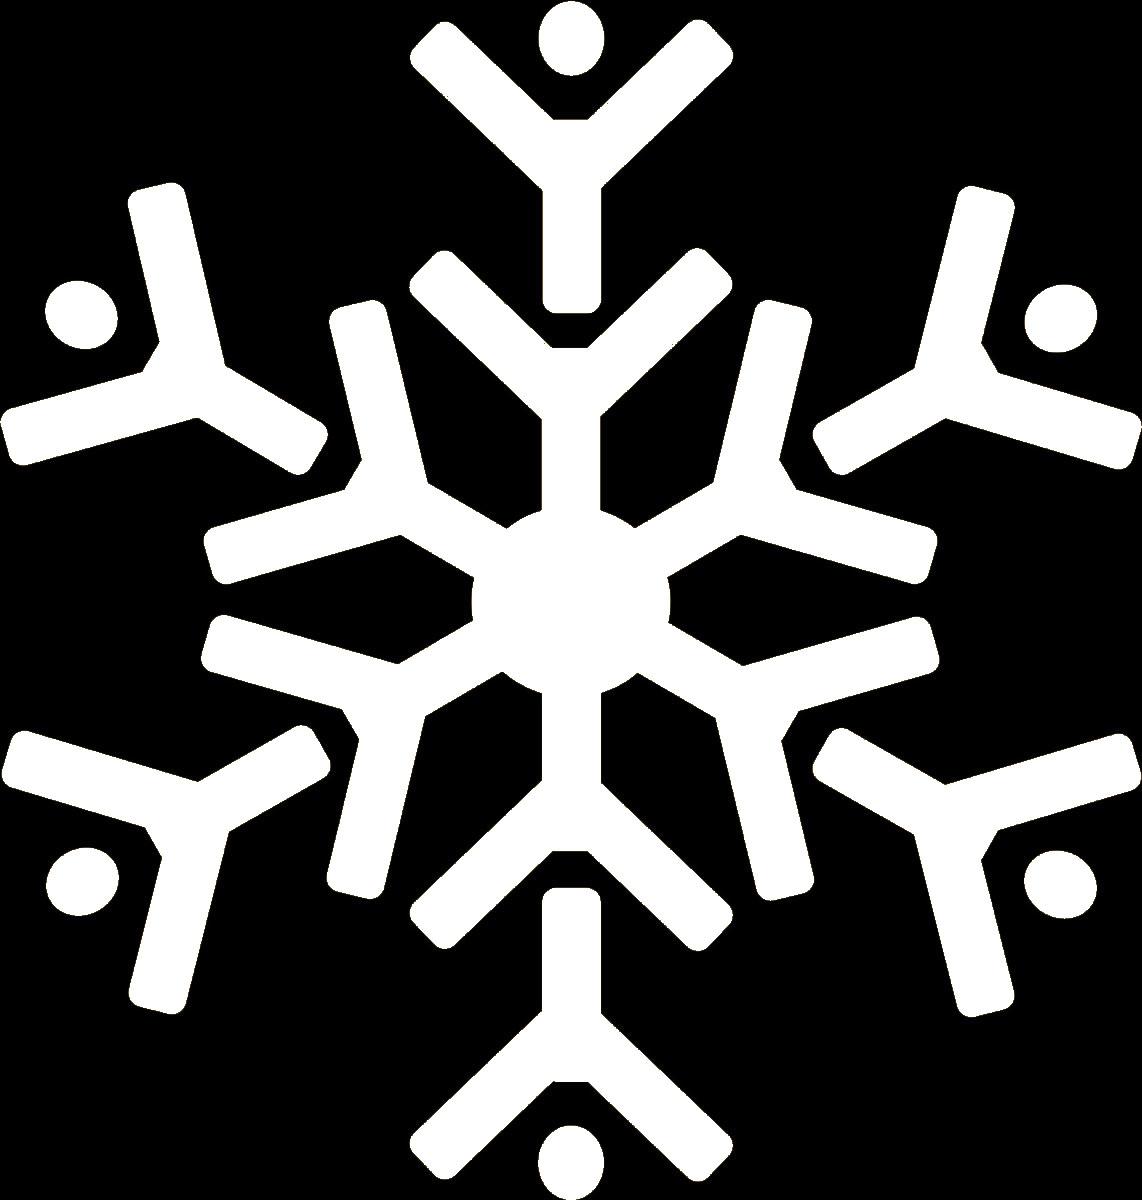 Наклейка автомобильная Оранжевый слоник Снежинка 3, виниловая, цвет: белый150NG00011WОригинальная наклейка Оранжевый слоник Снежинка 3 изготовлена из высококачественной виниловой пленки, которая выполняет не только декоративную функцию, но и защищает кузов автомобиля от небольших механических повреждений, либо скрывает уже существующие. Виниловые наклейки на автомобиль - это не только красиво, но еще и быстро! Всего за несколько минут вы можете полностью преобразить свой автомобиль, сделать его ярким, необычным, особенным и неповторимым!